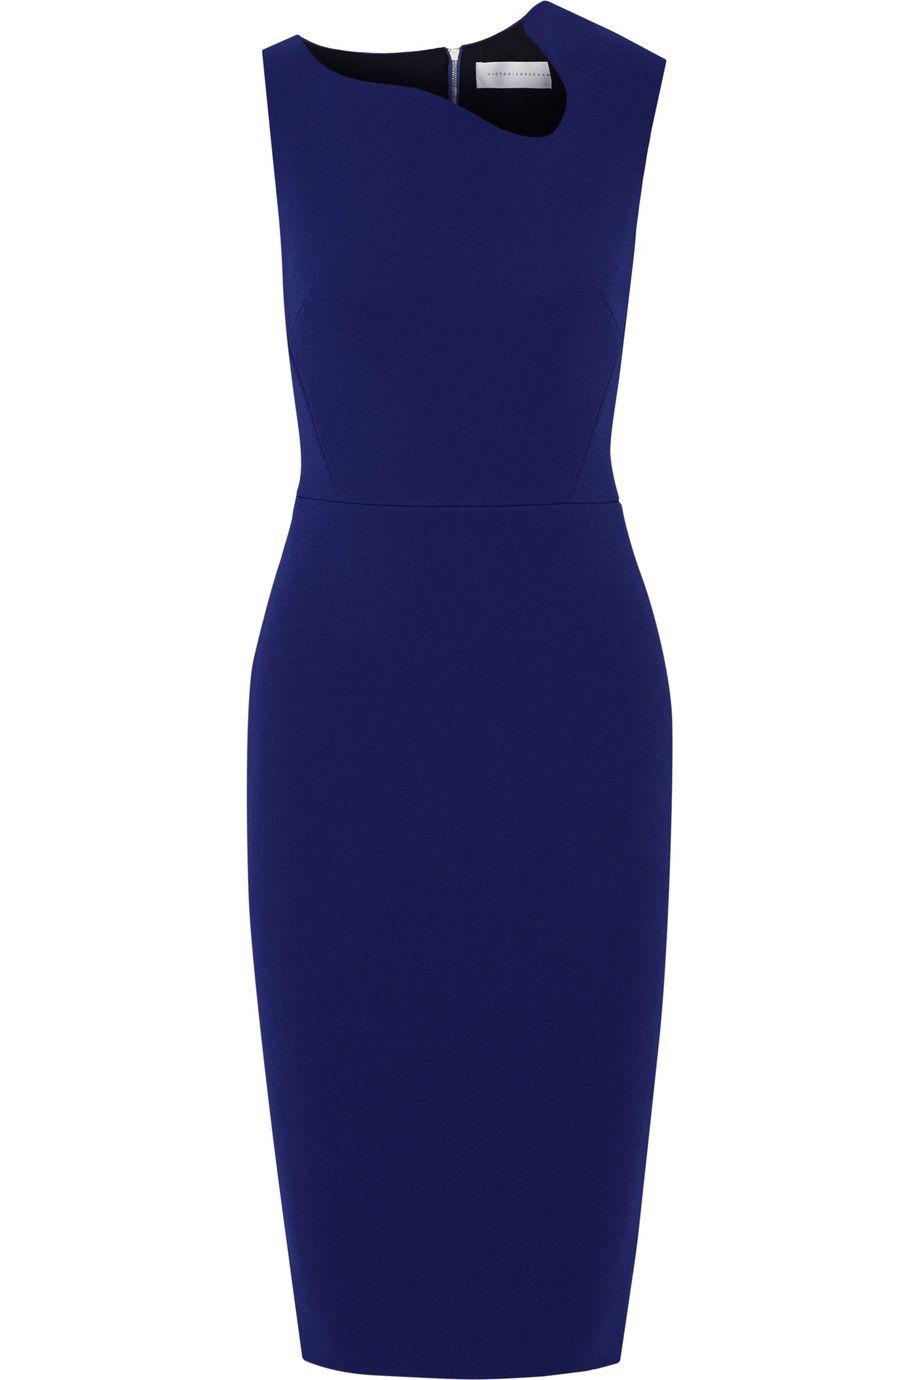 Victoria Beckham Crepe Dress Victoria Beckham Clothing Line Victoria Beckham Dress Crepe Dress [ 1380 x 920 Pixel ]